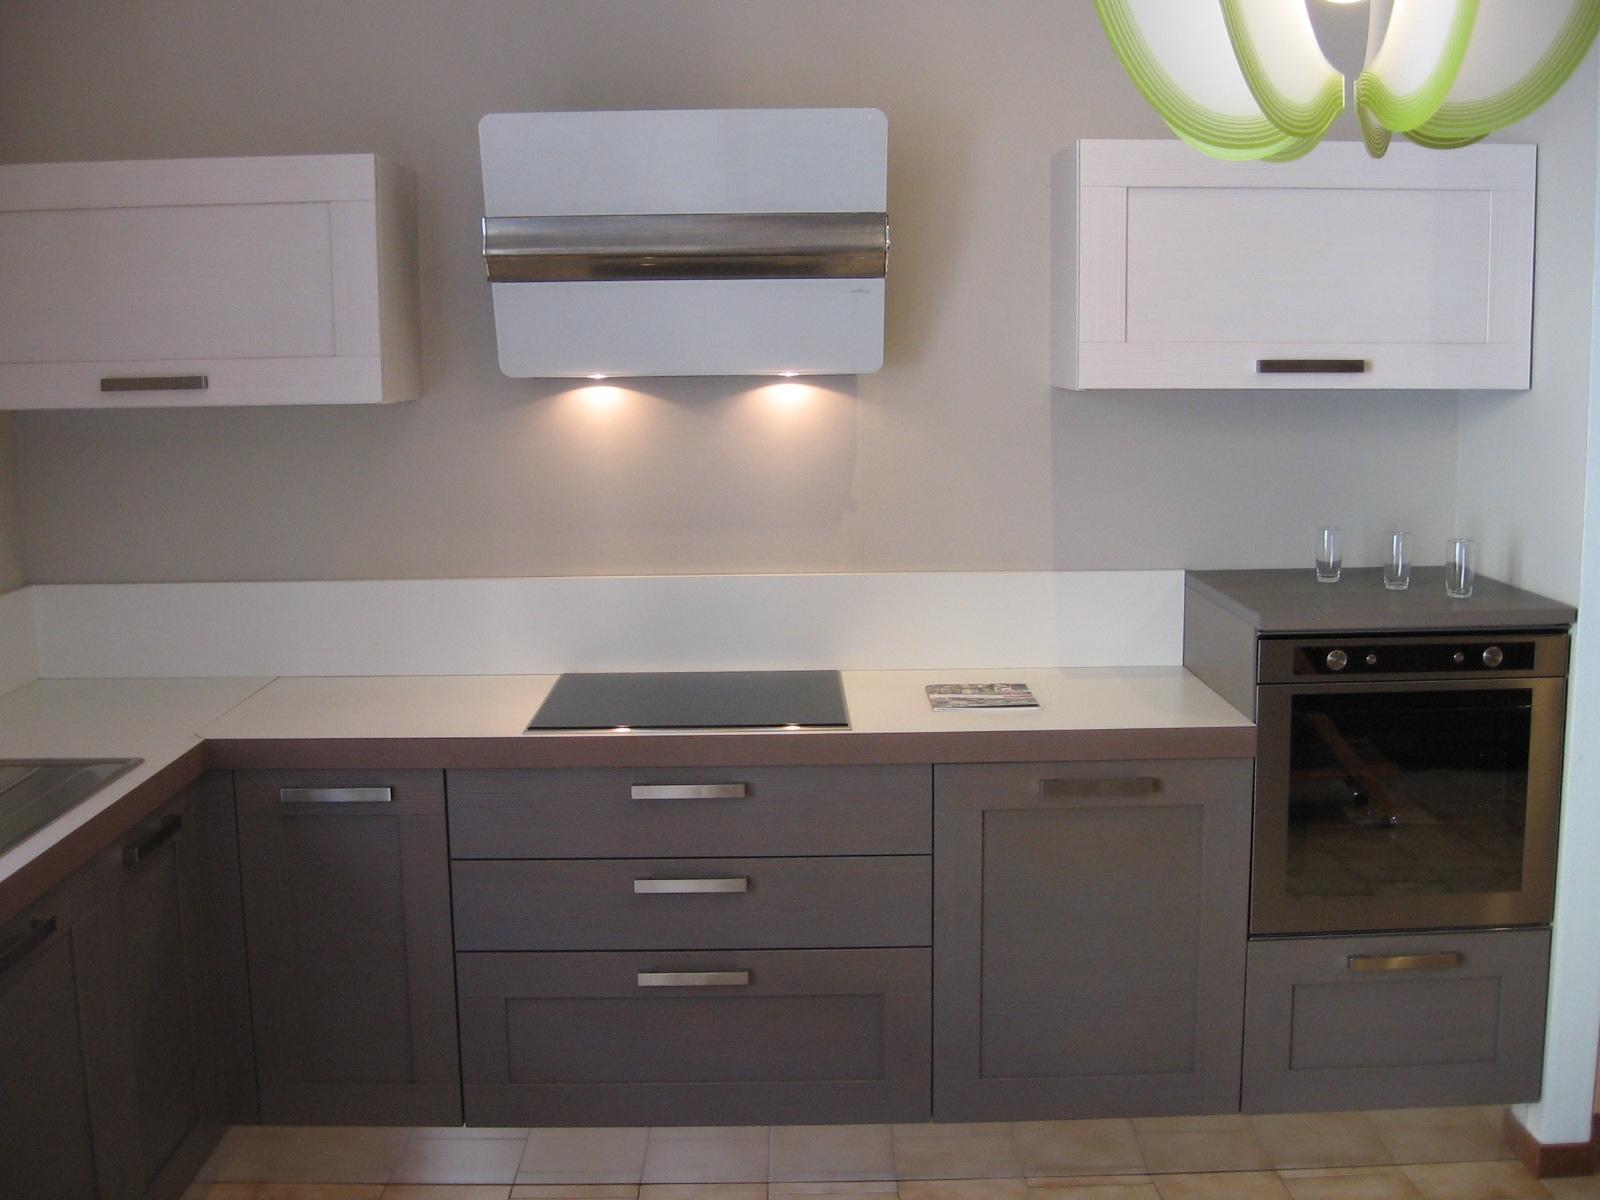 Cucine ad angolo dibiesse scontate del 40 cucine a - Dibiesse cucine opinioni ...